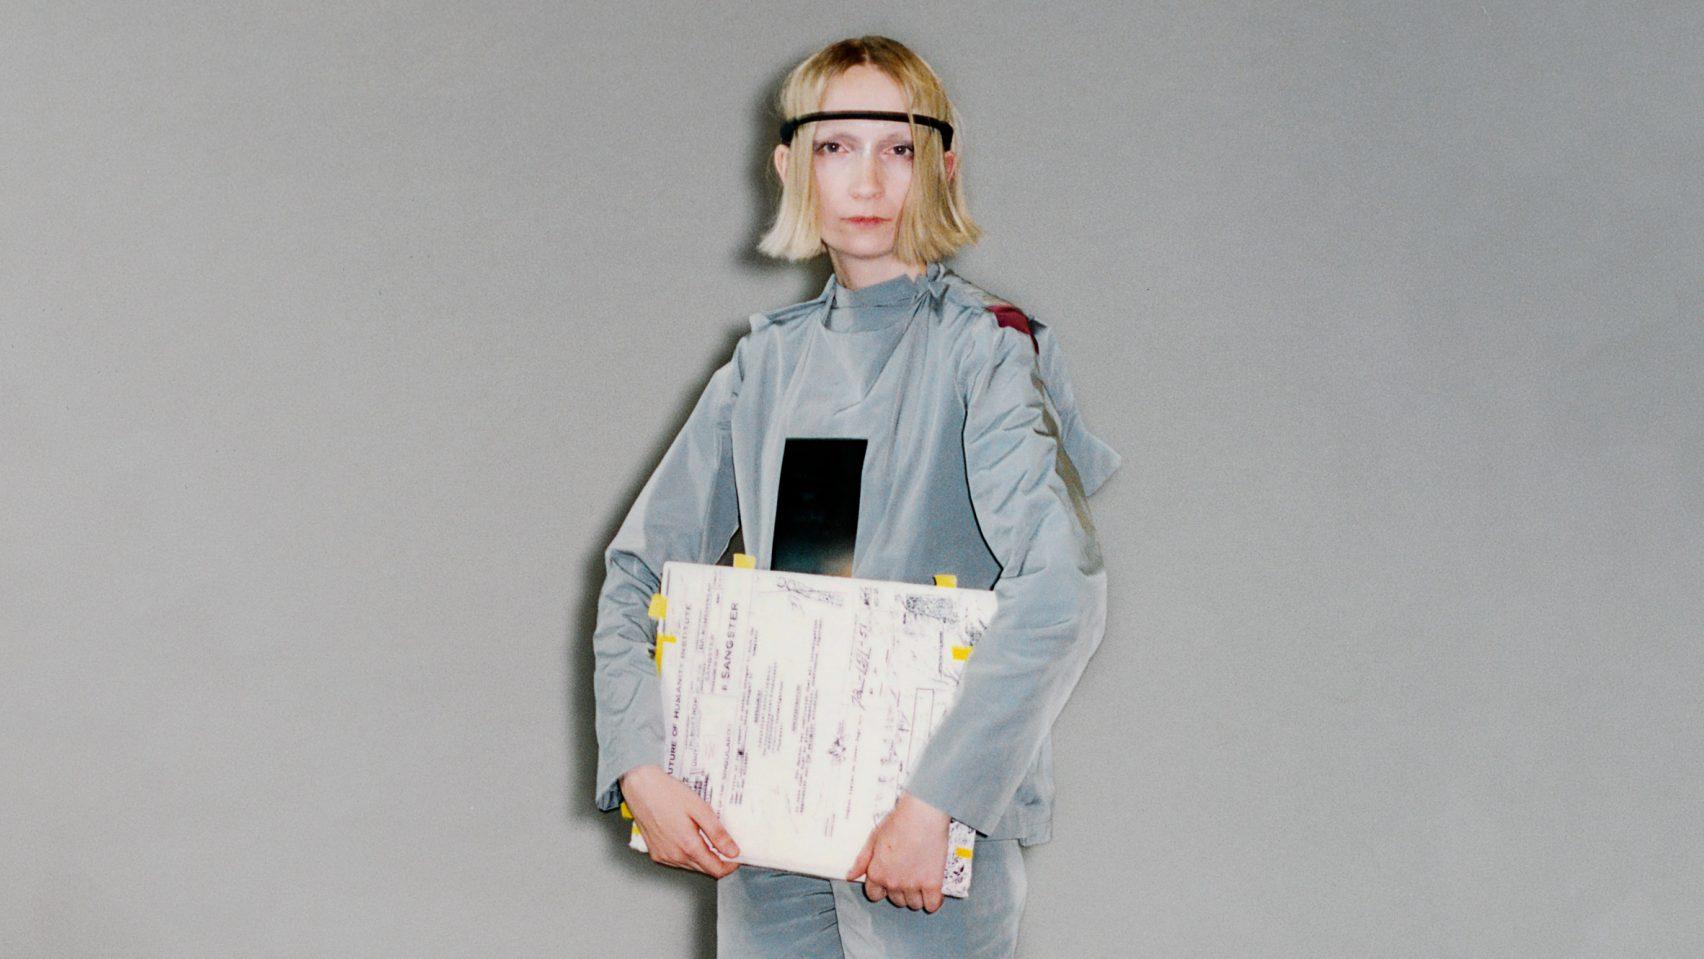 Yapay zeka, bu kez kullanıcıların duygularını gösterecek kıyafetlerle birleşti!